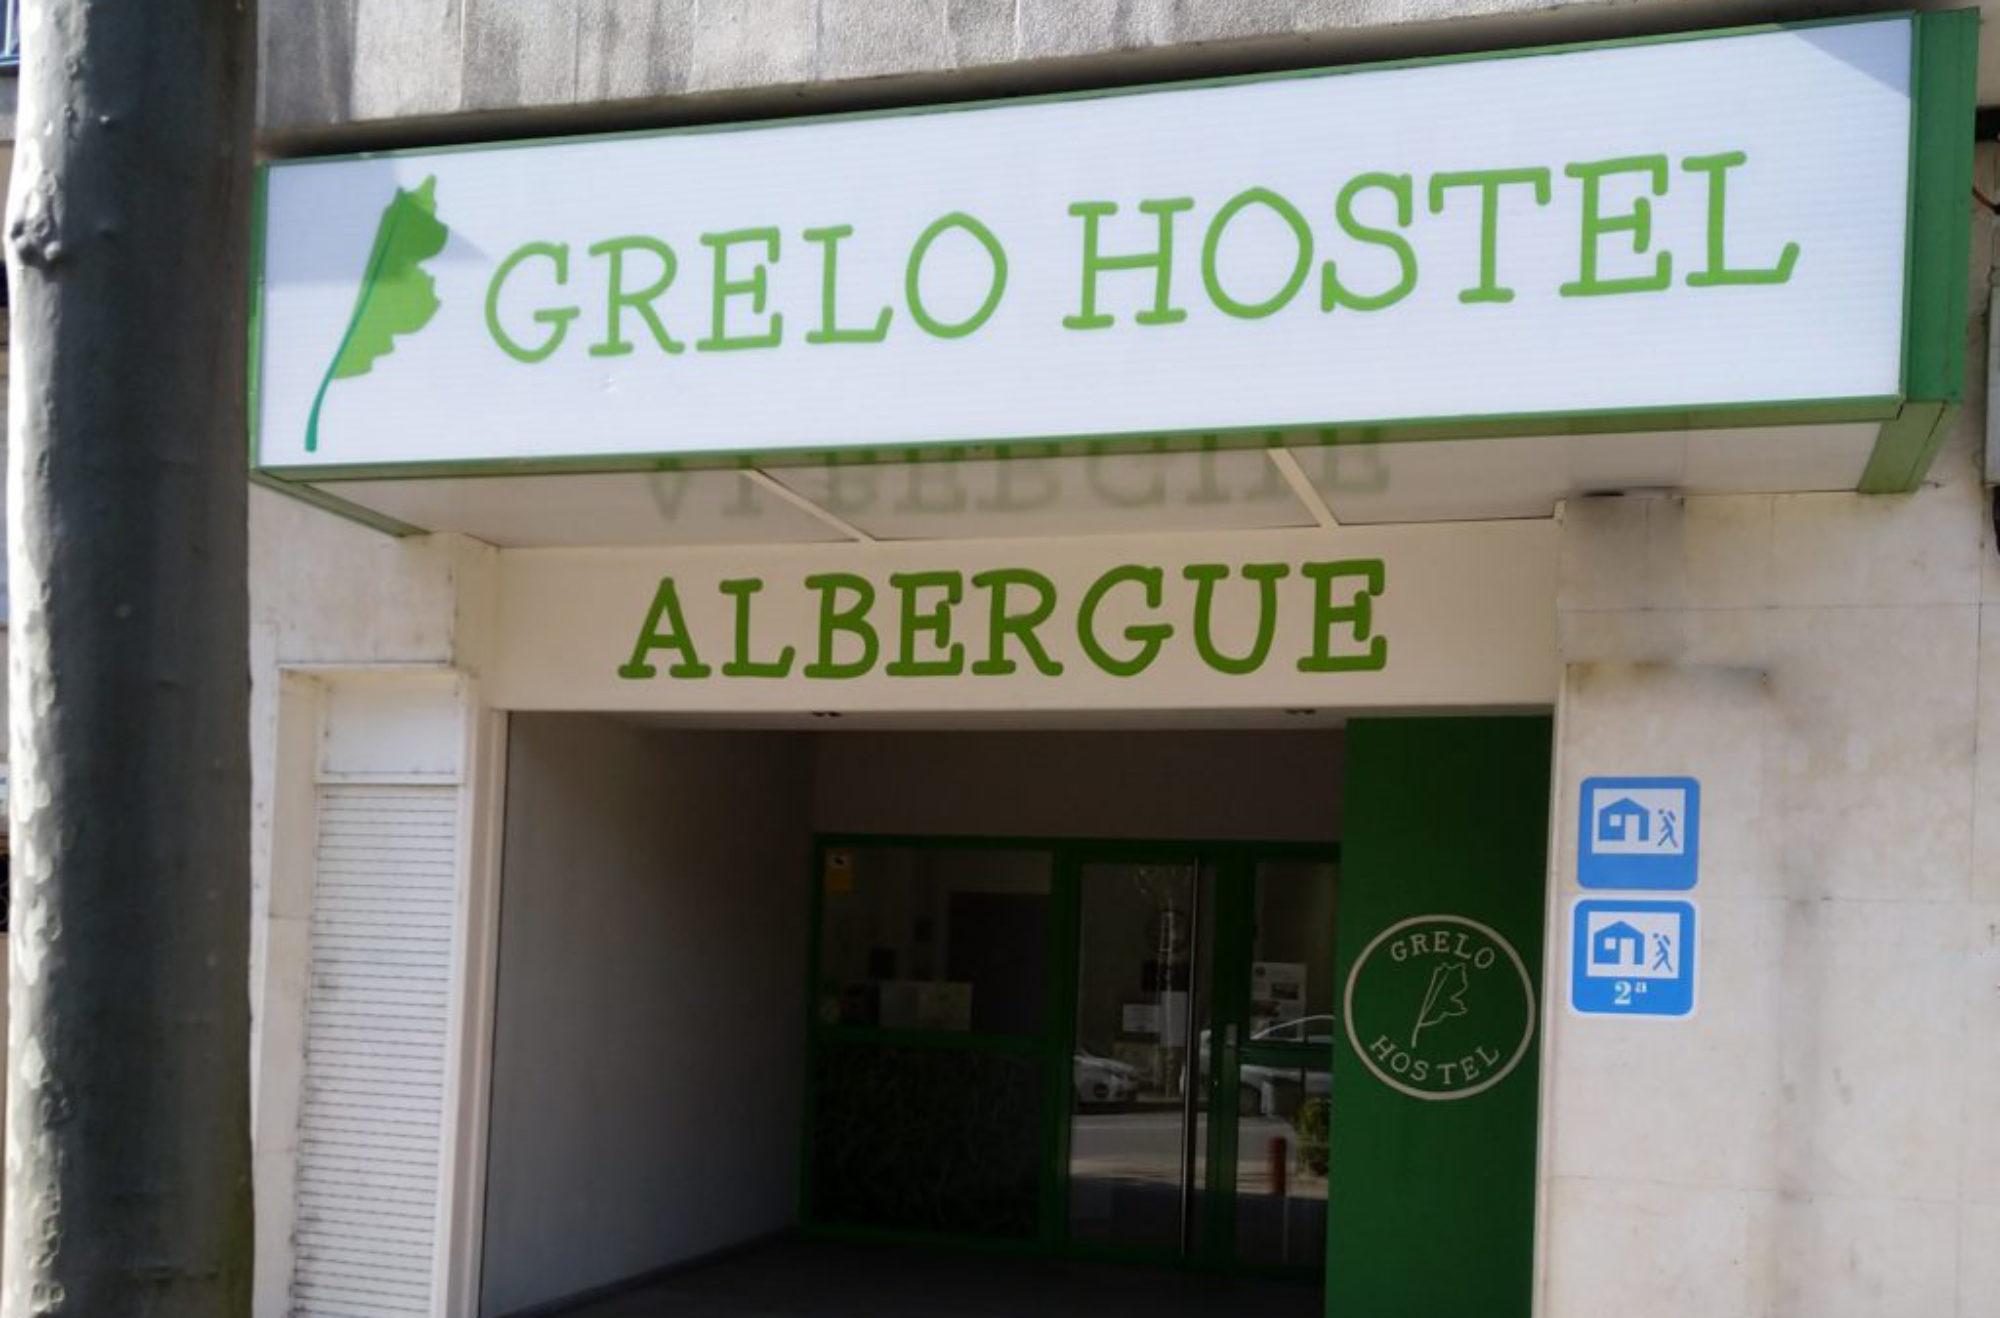 Grelo Hostel